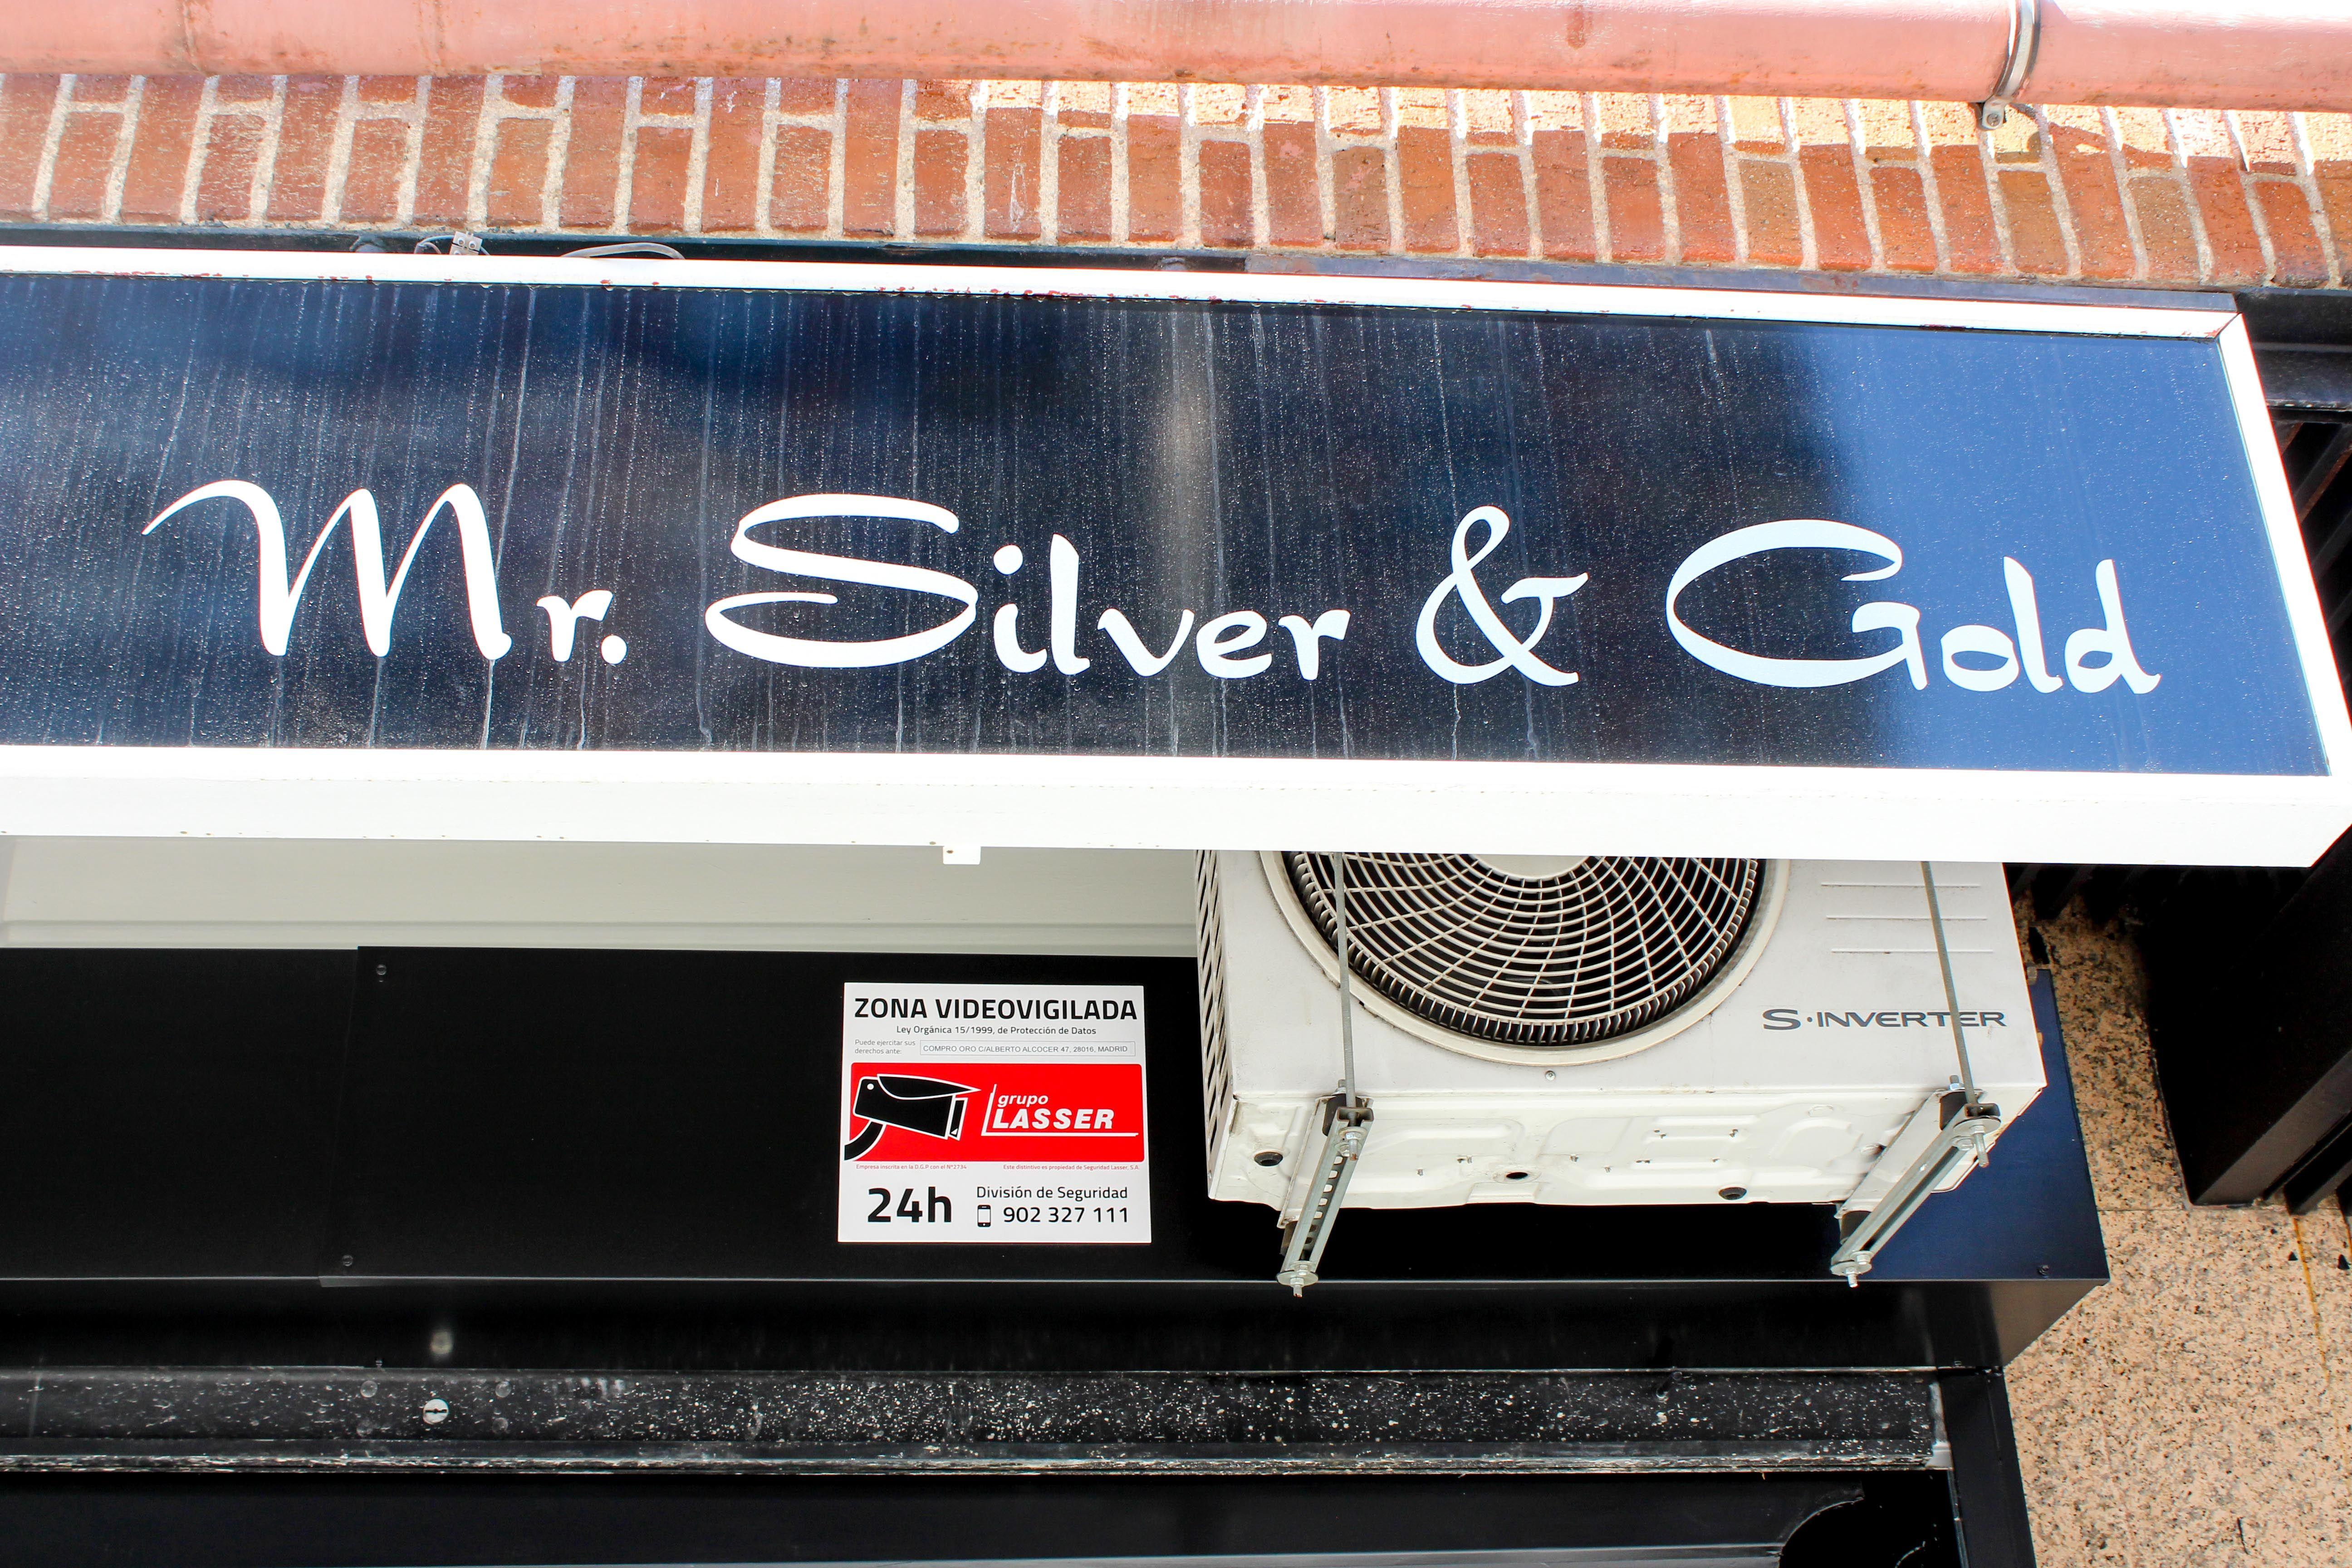 Foto 3 de Compraventa de oro y plata en Madrid | MR. SILVER & GOLD